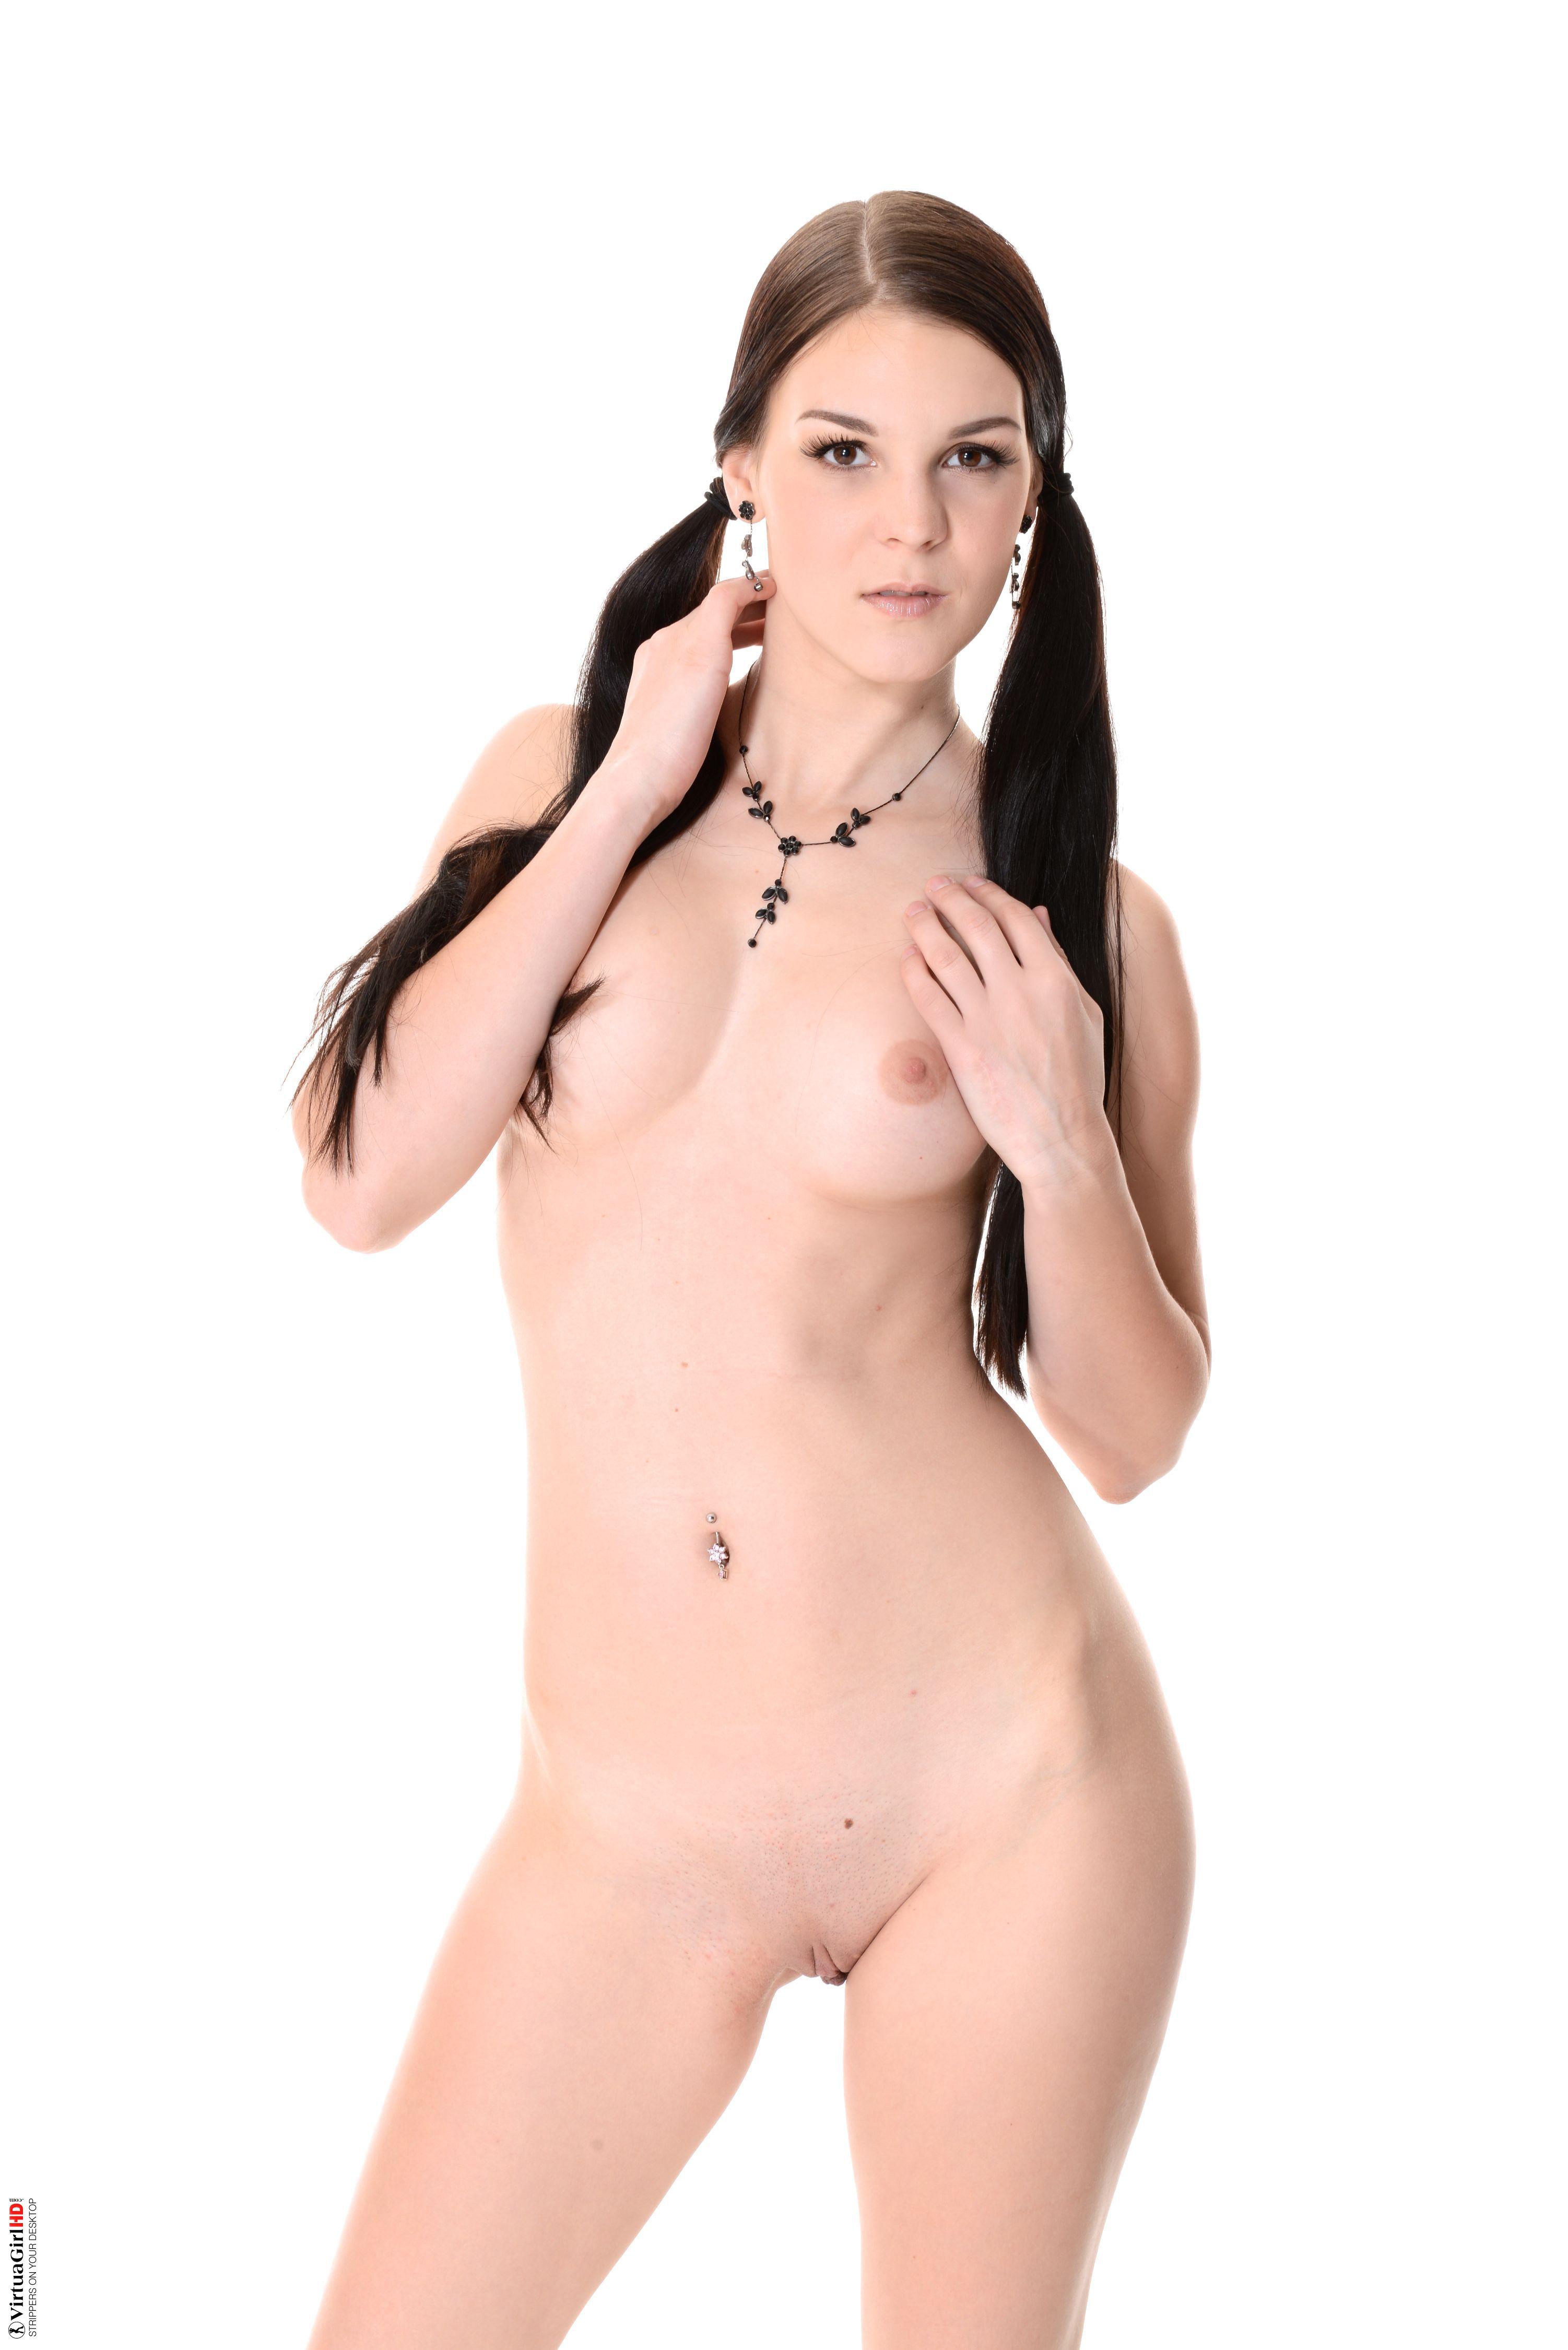 hot nude wallpaper